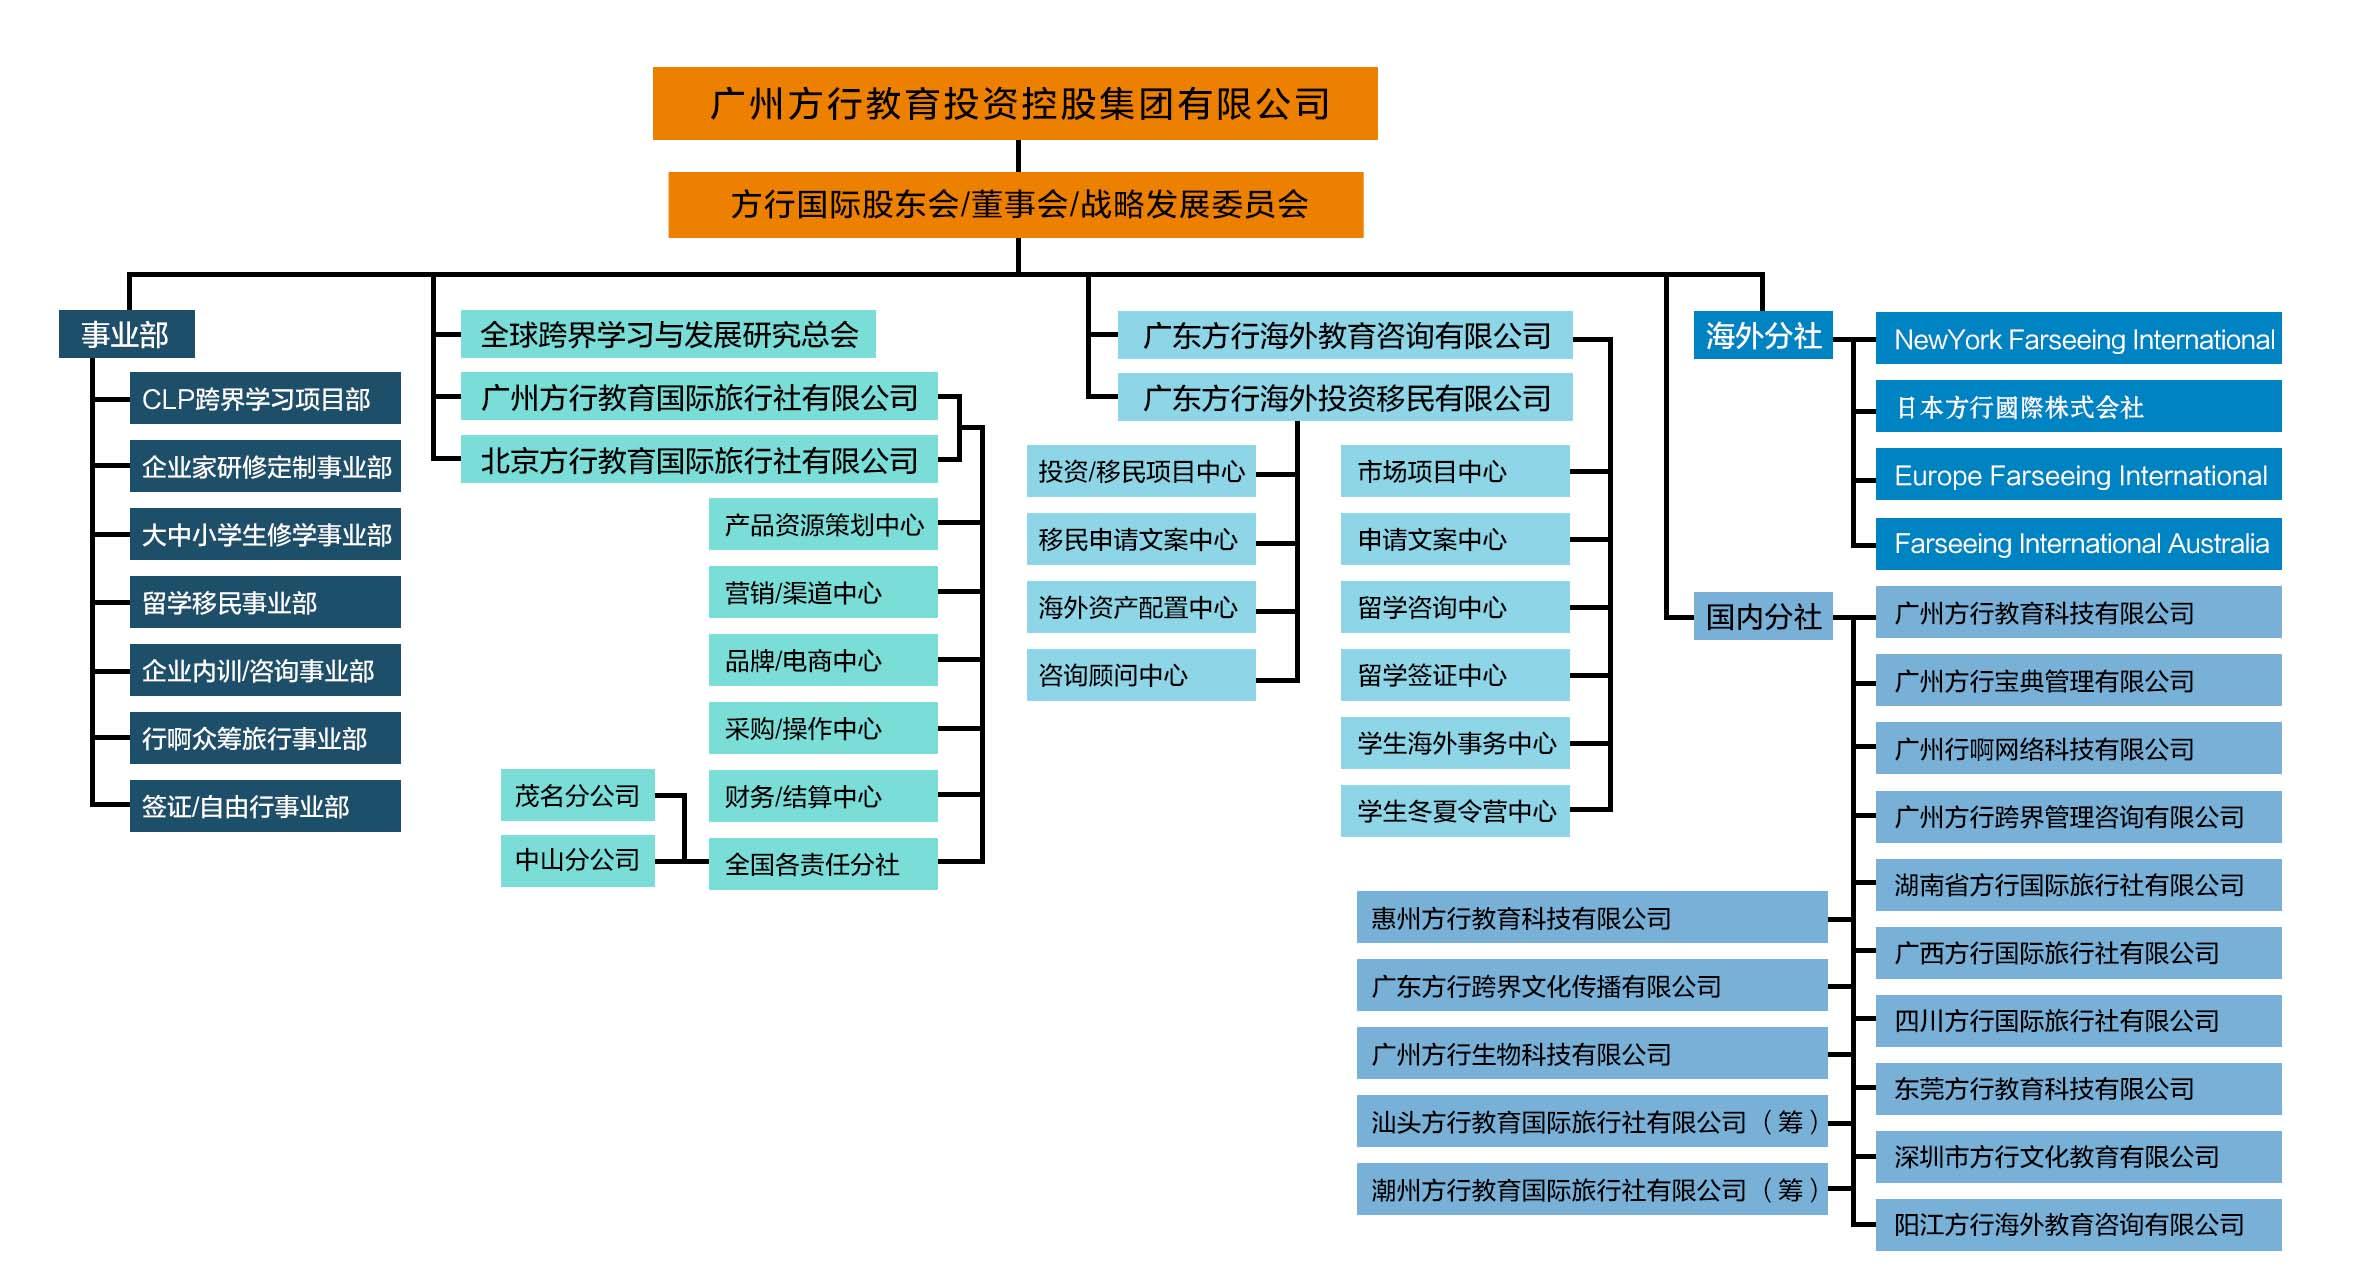 方行国际组织架构.jpg